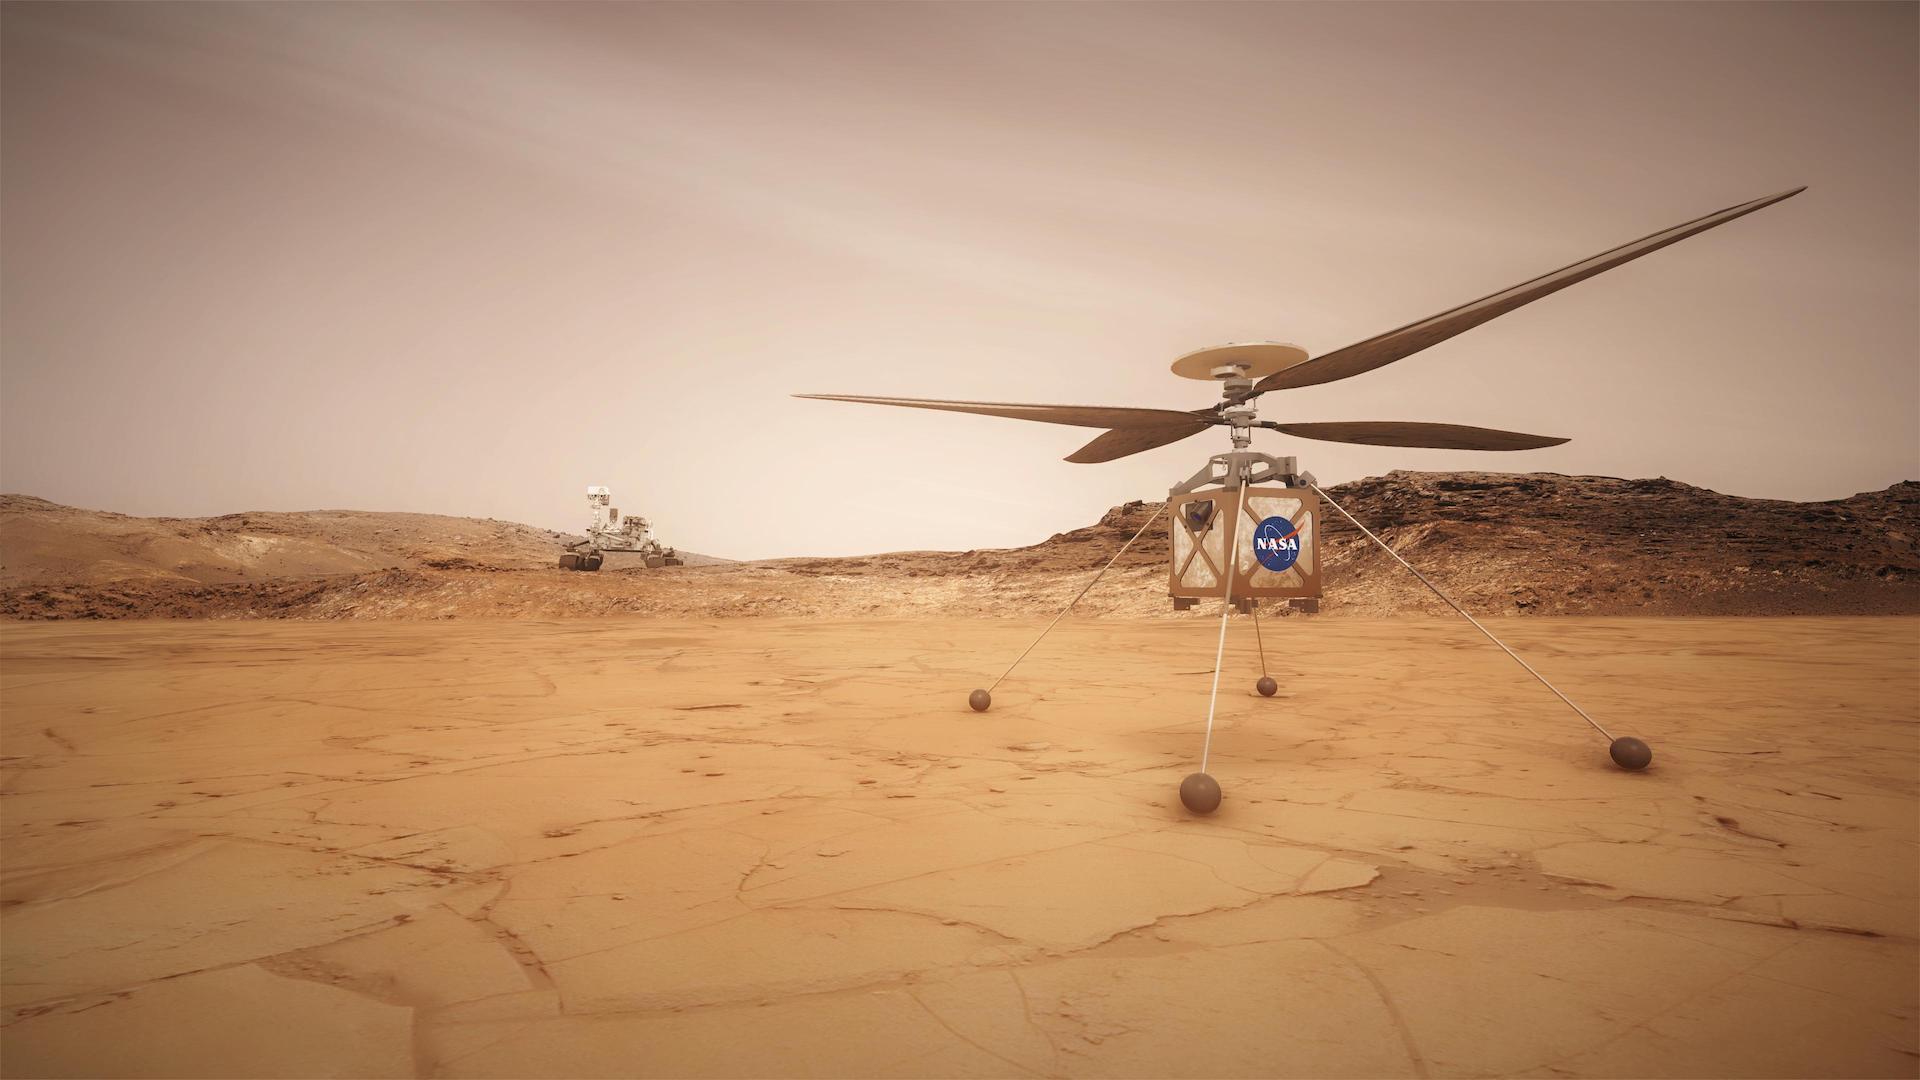 Este es Ingenuity: el helicóptero de la NASA que volará en Marte. Video